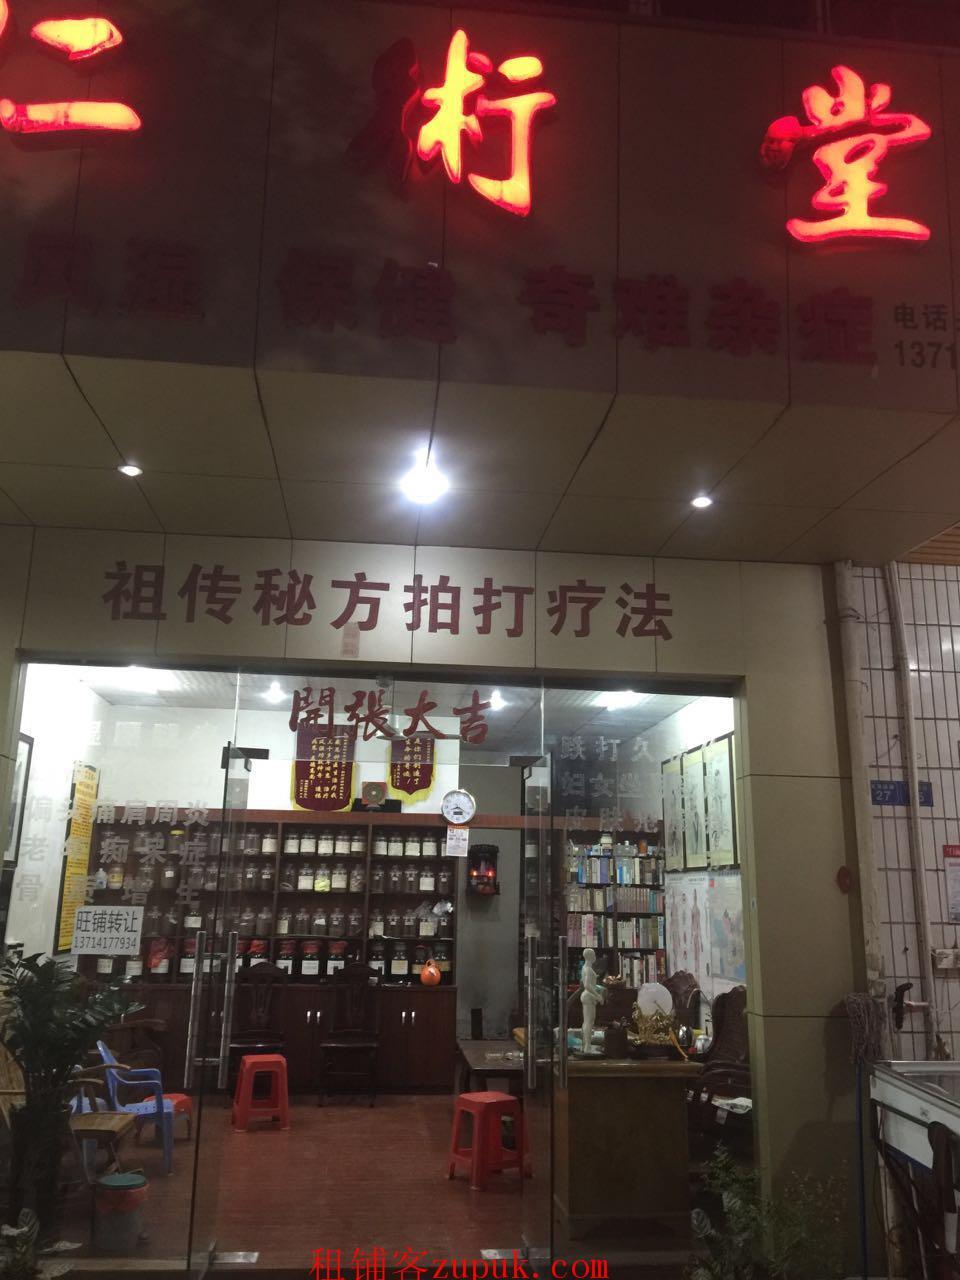 因去惠州发展,旺铺转让